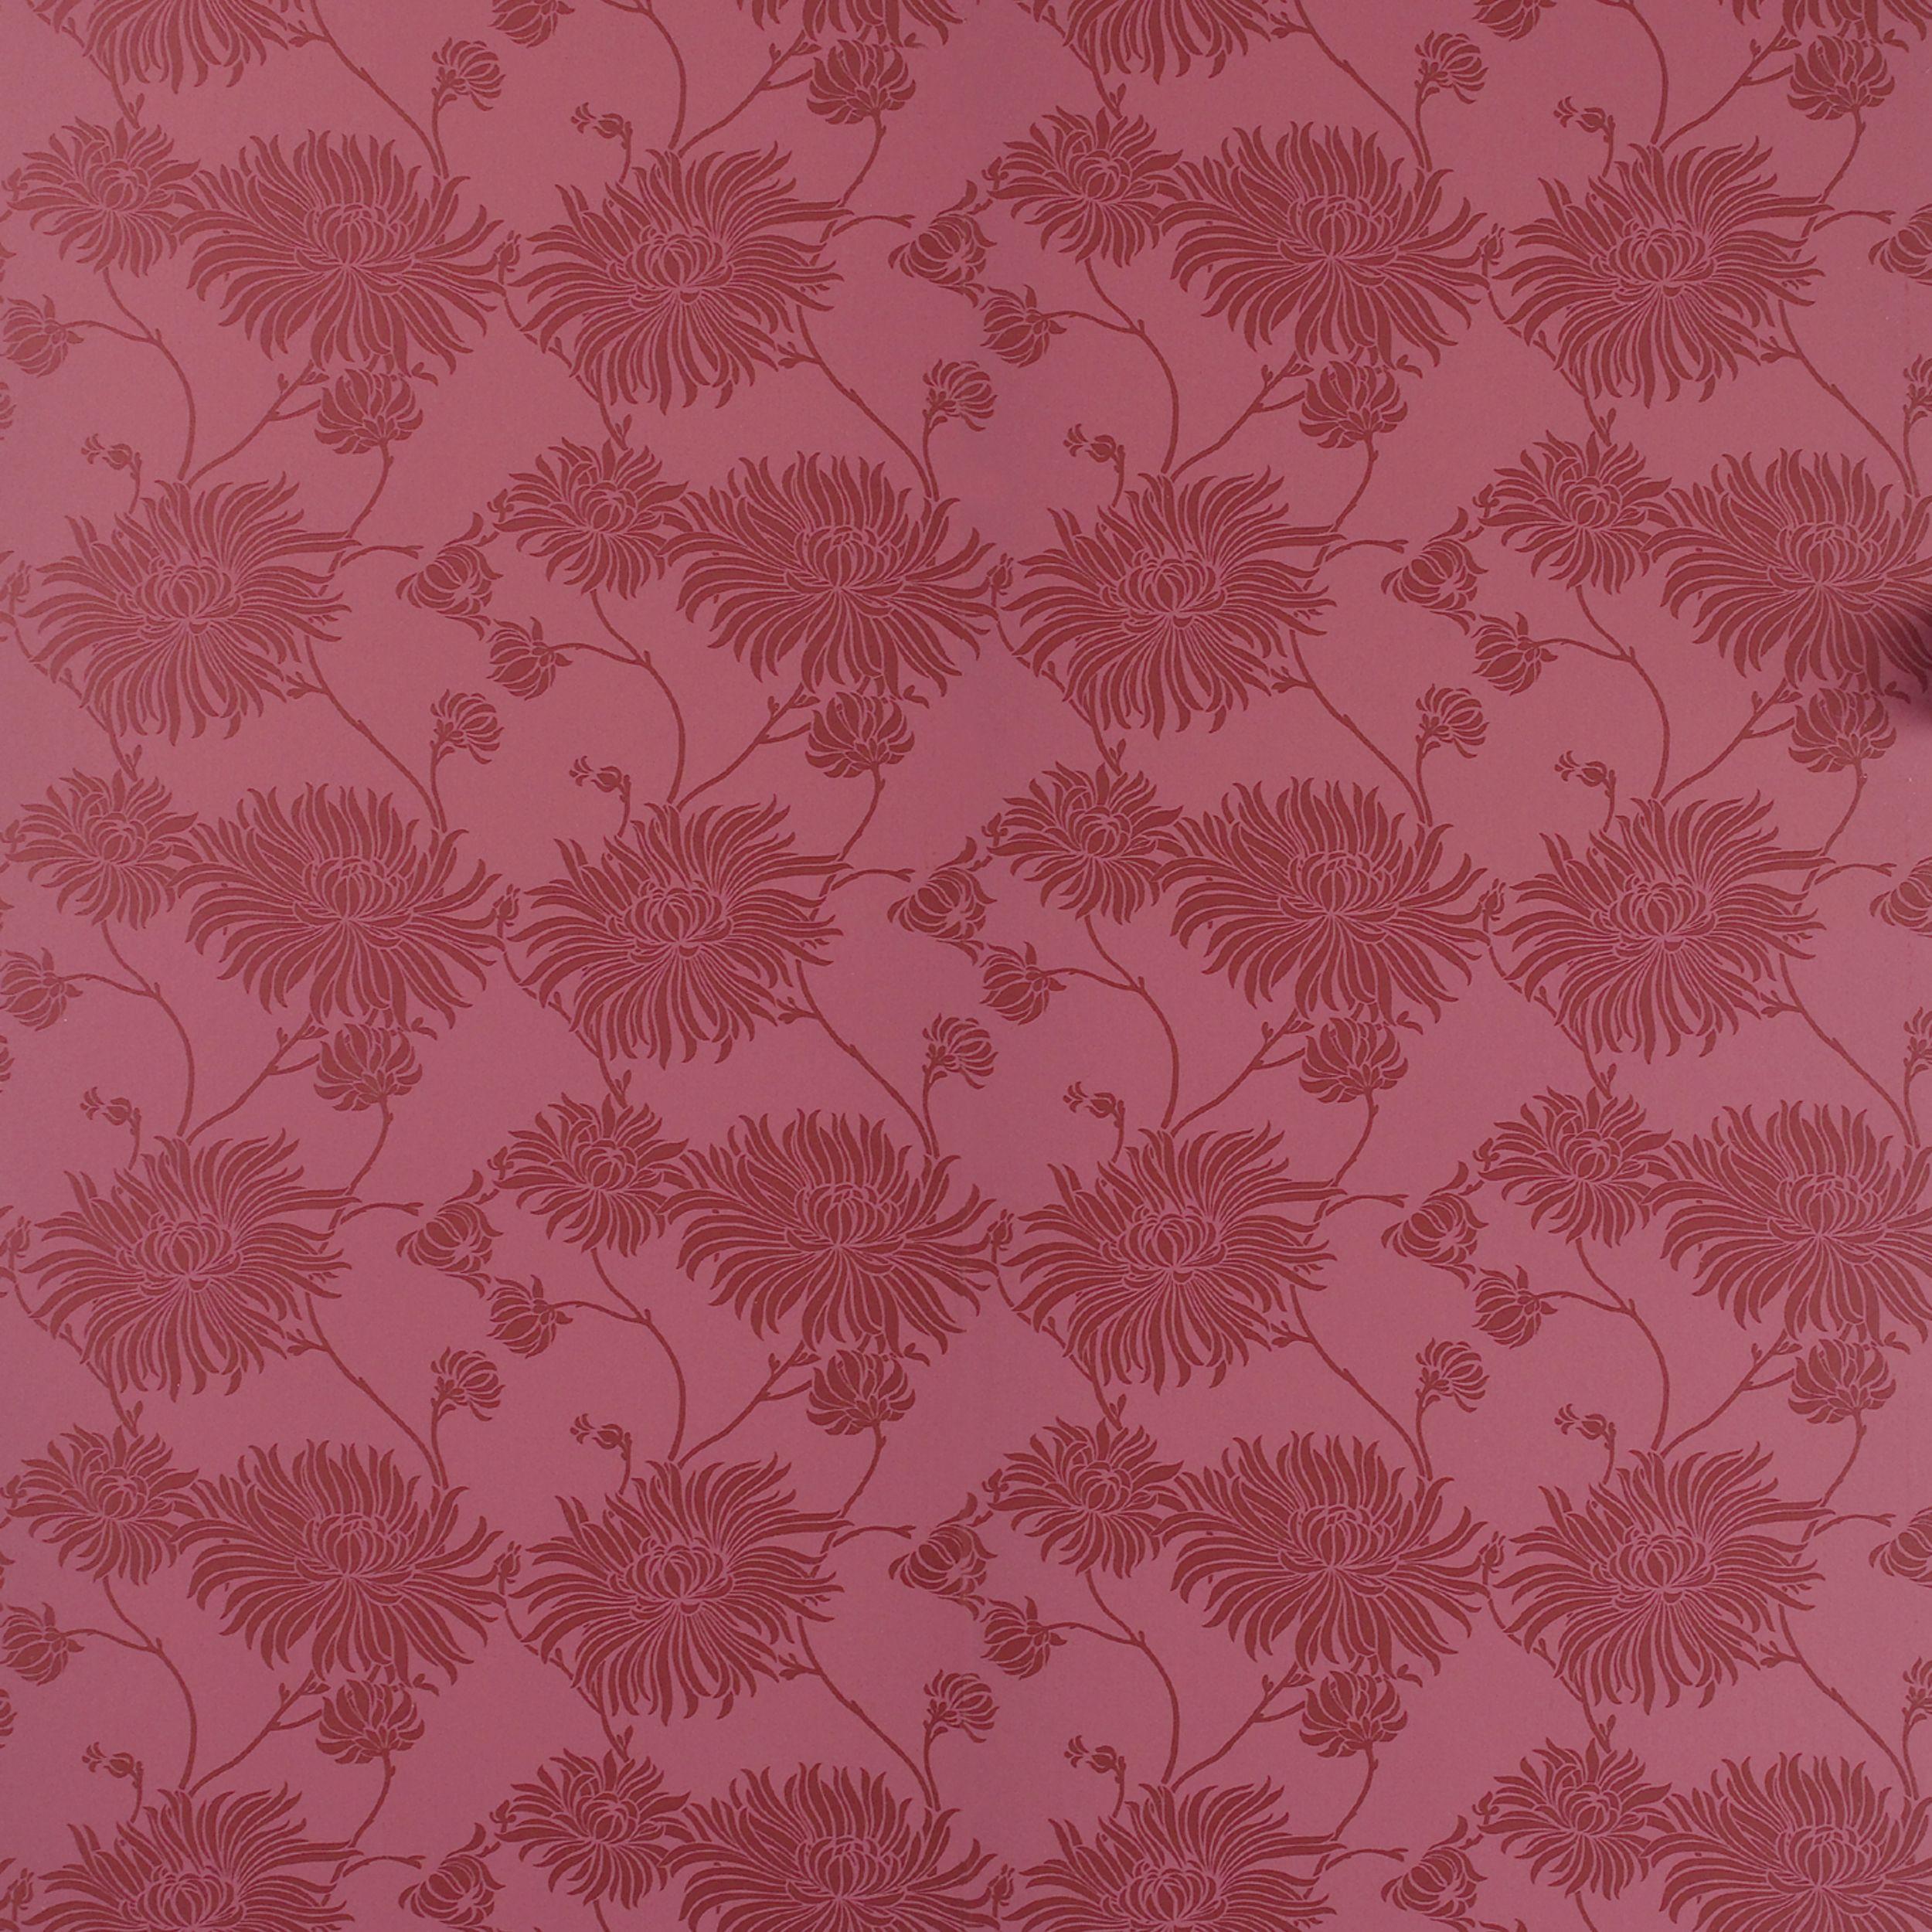 Wallpaper Master bedroom Pinterest